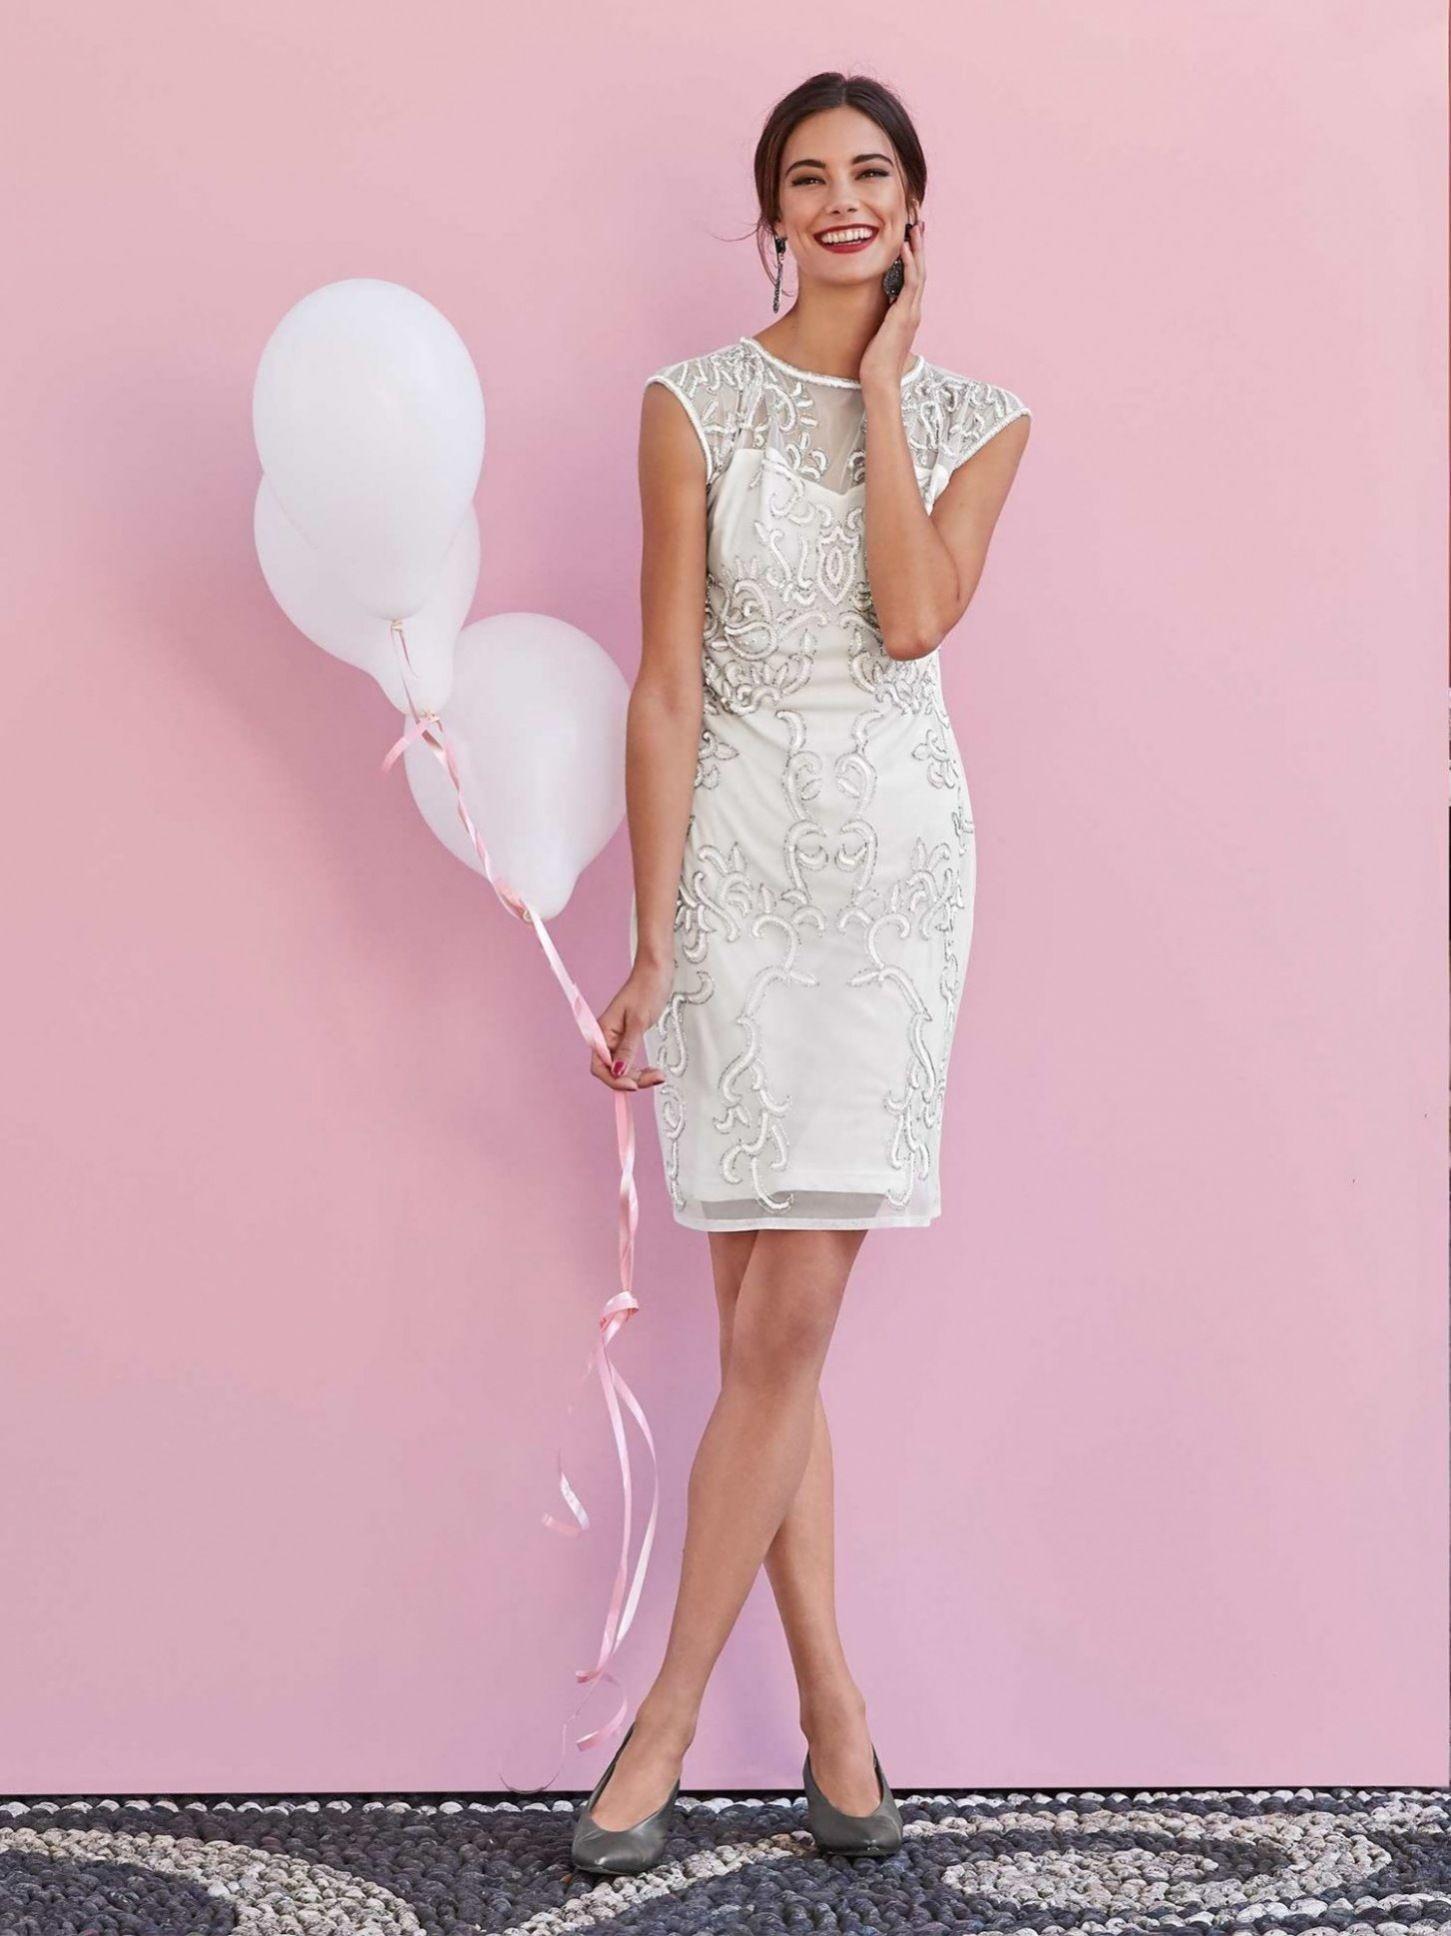 Kleid hochzeit kaufen in 19  Kleid hochzeit gast, Festliche